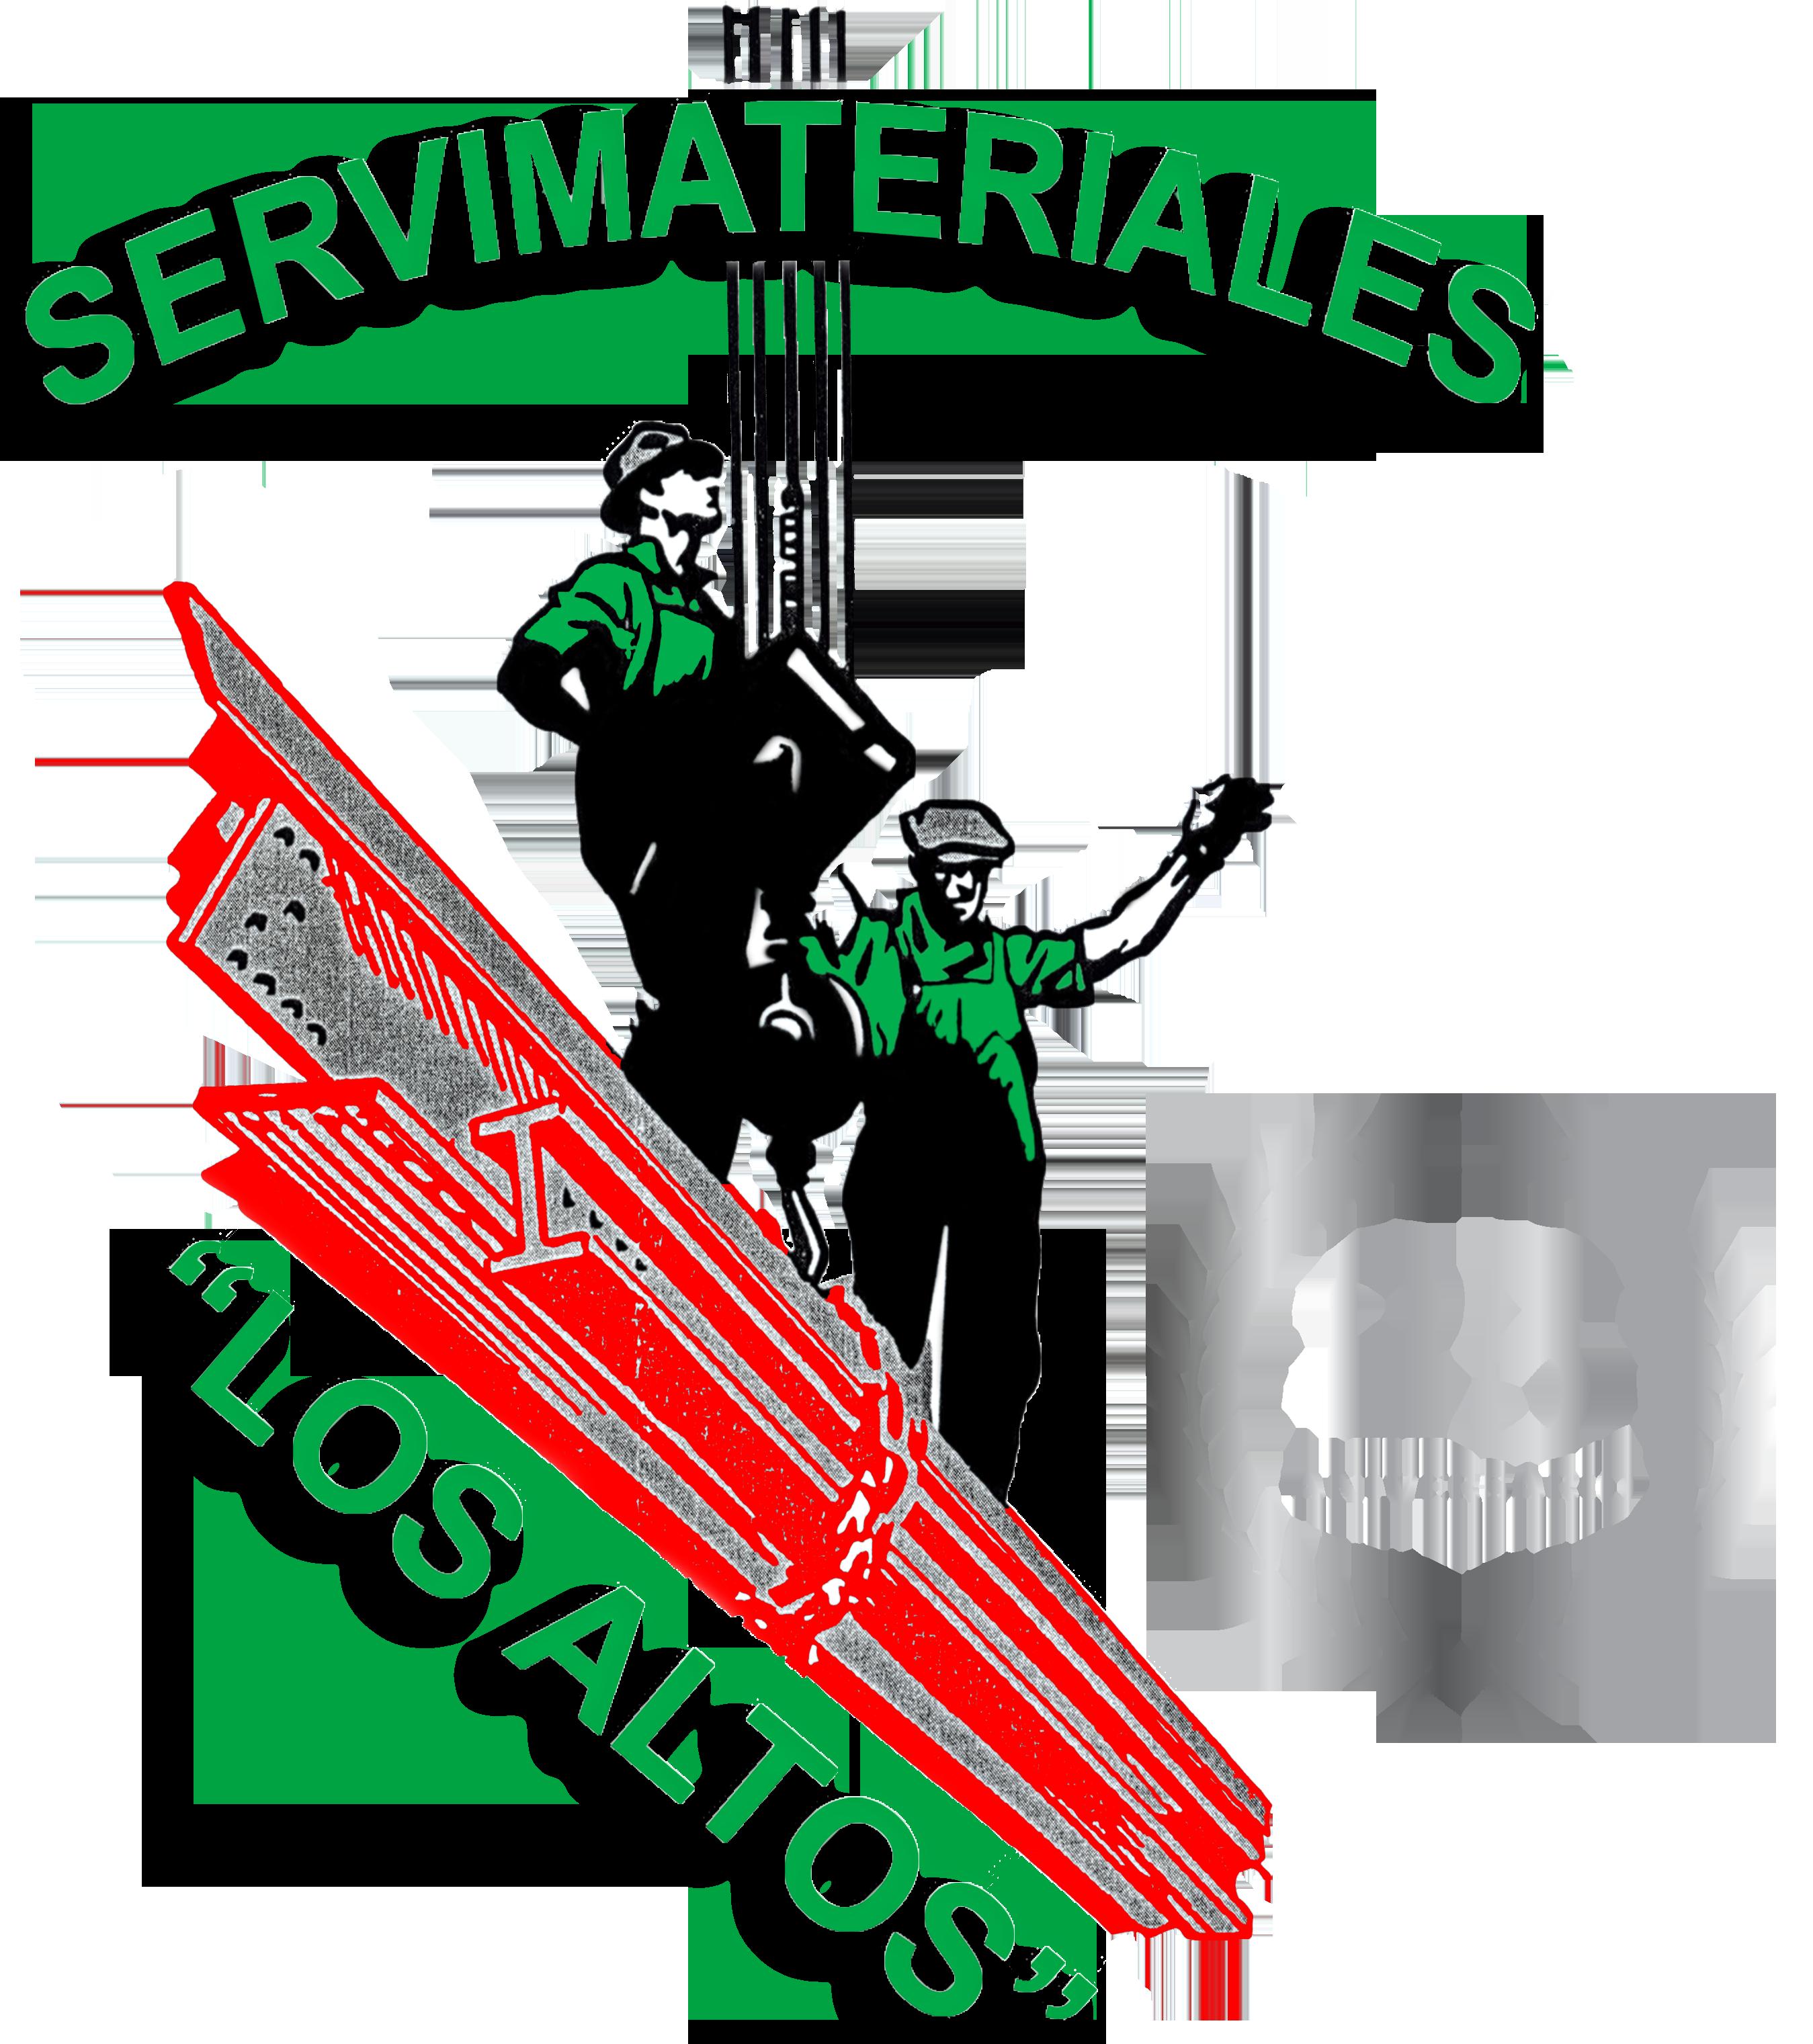 Servimateriales Los Altos